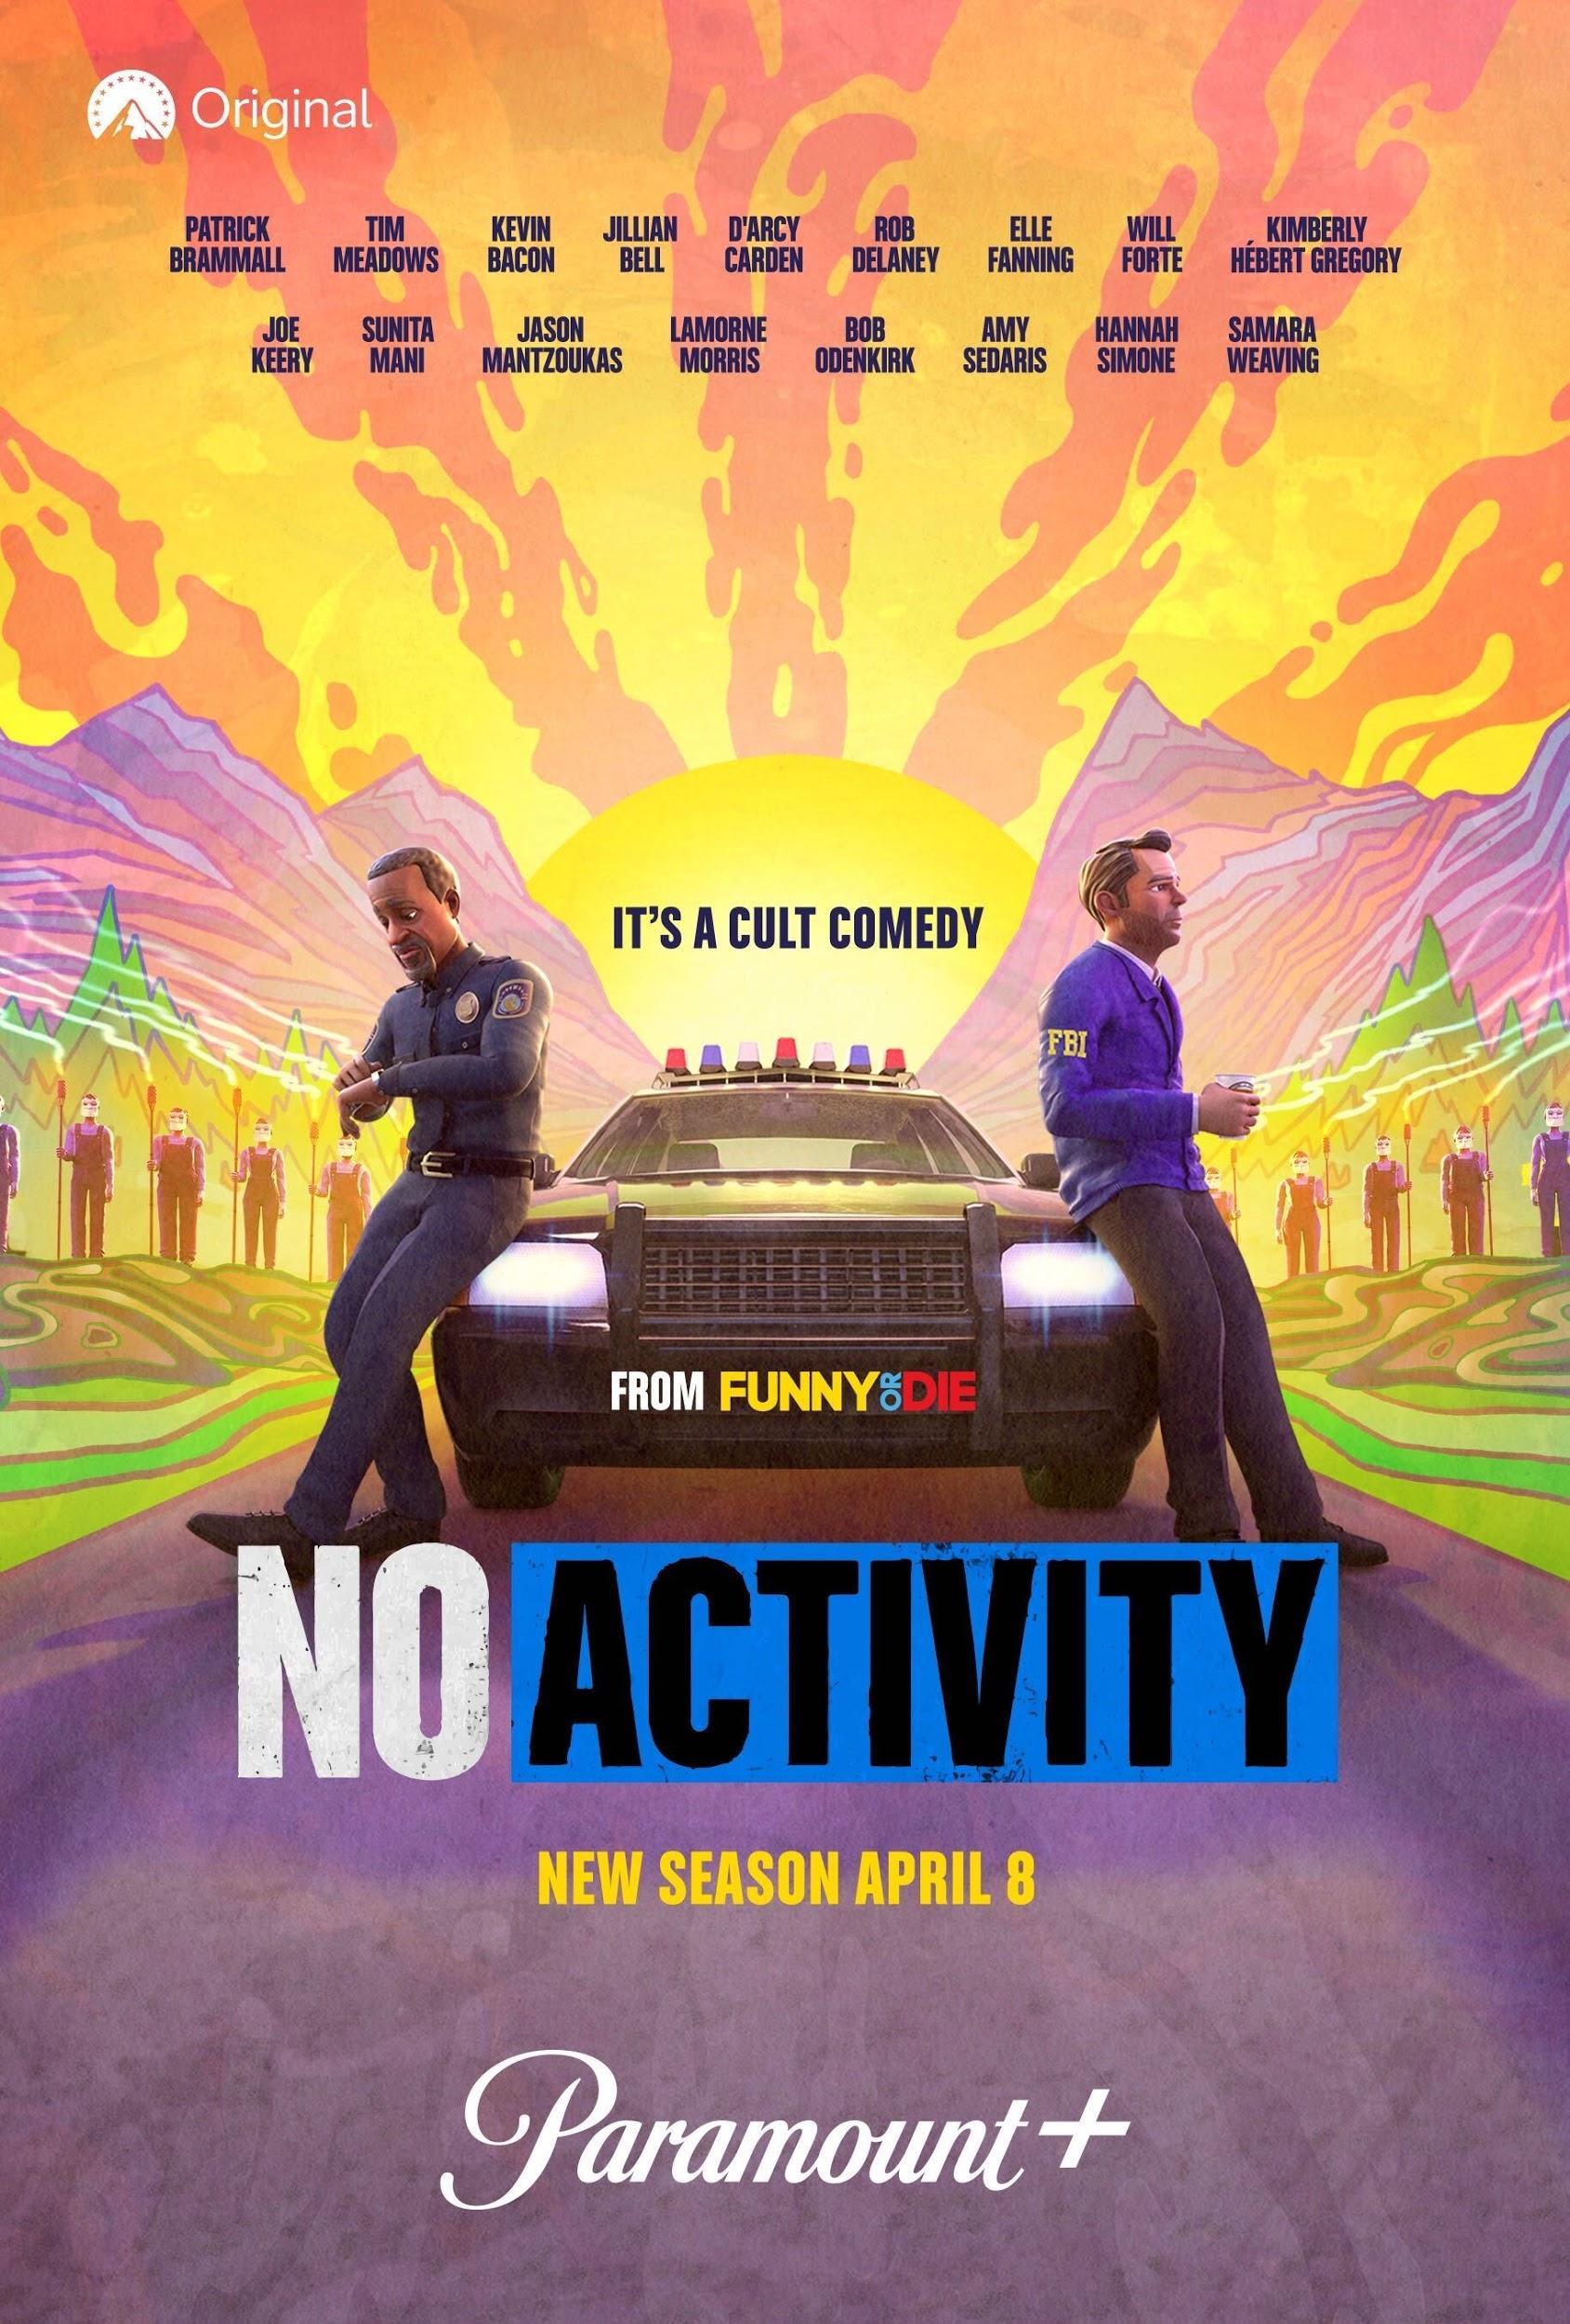 Key art for season four of Paramount+'s 'No Activity'